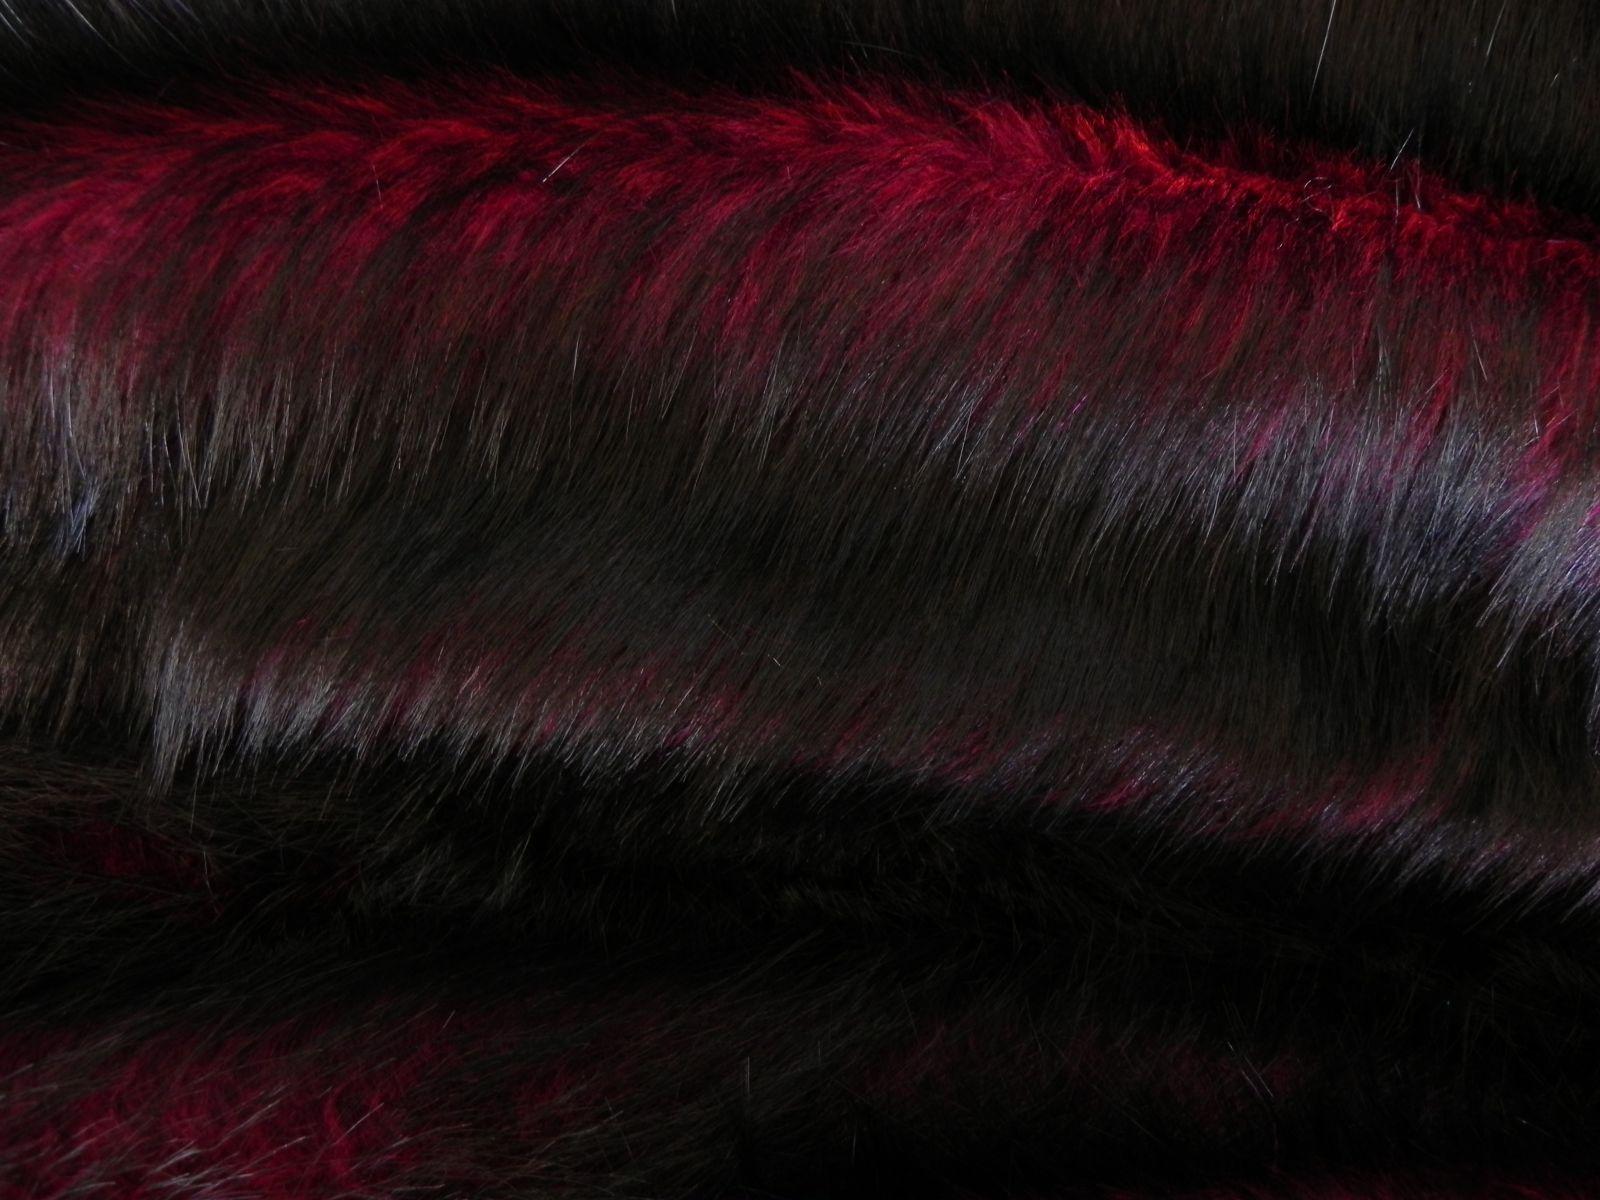 Luxusní umělá kožešina metráž, vínově červená, 50mm vlas, š. 146cm